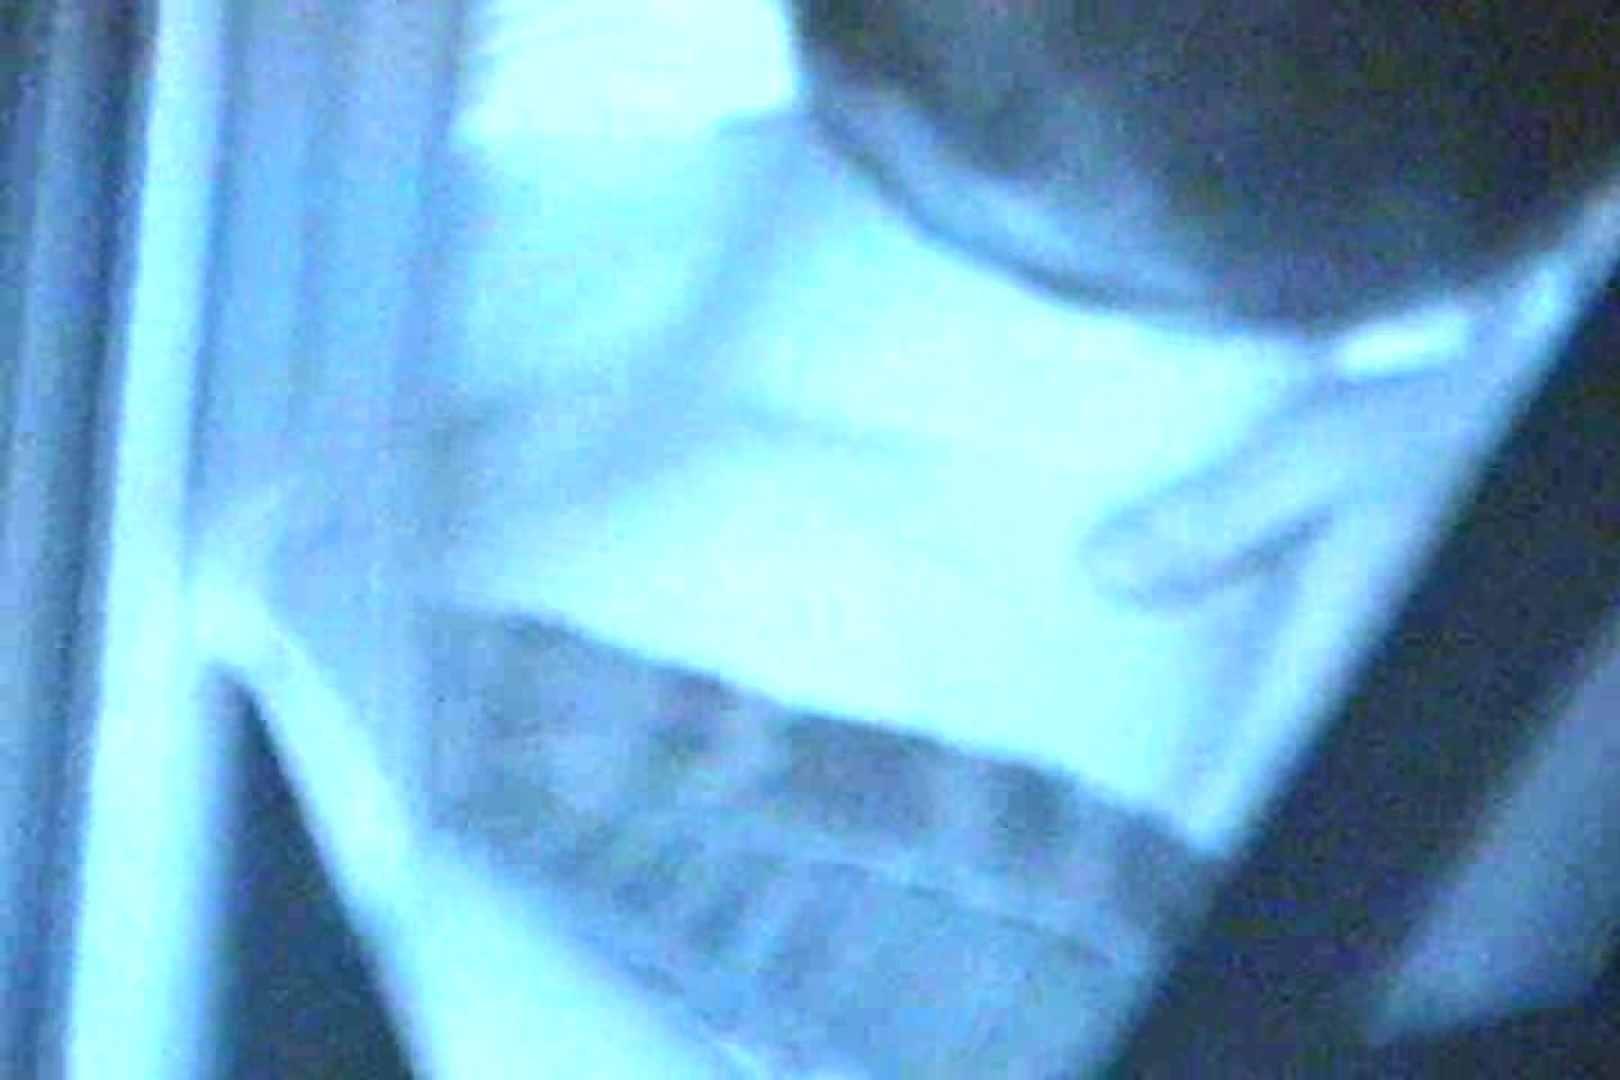 充血監督の深夜の運動会Vol.32 エロティックなOL  66画像 42